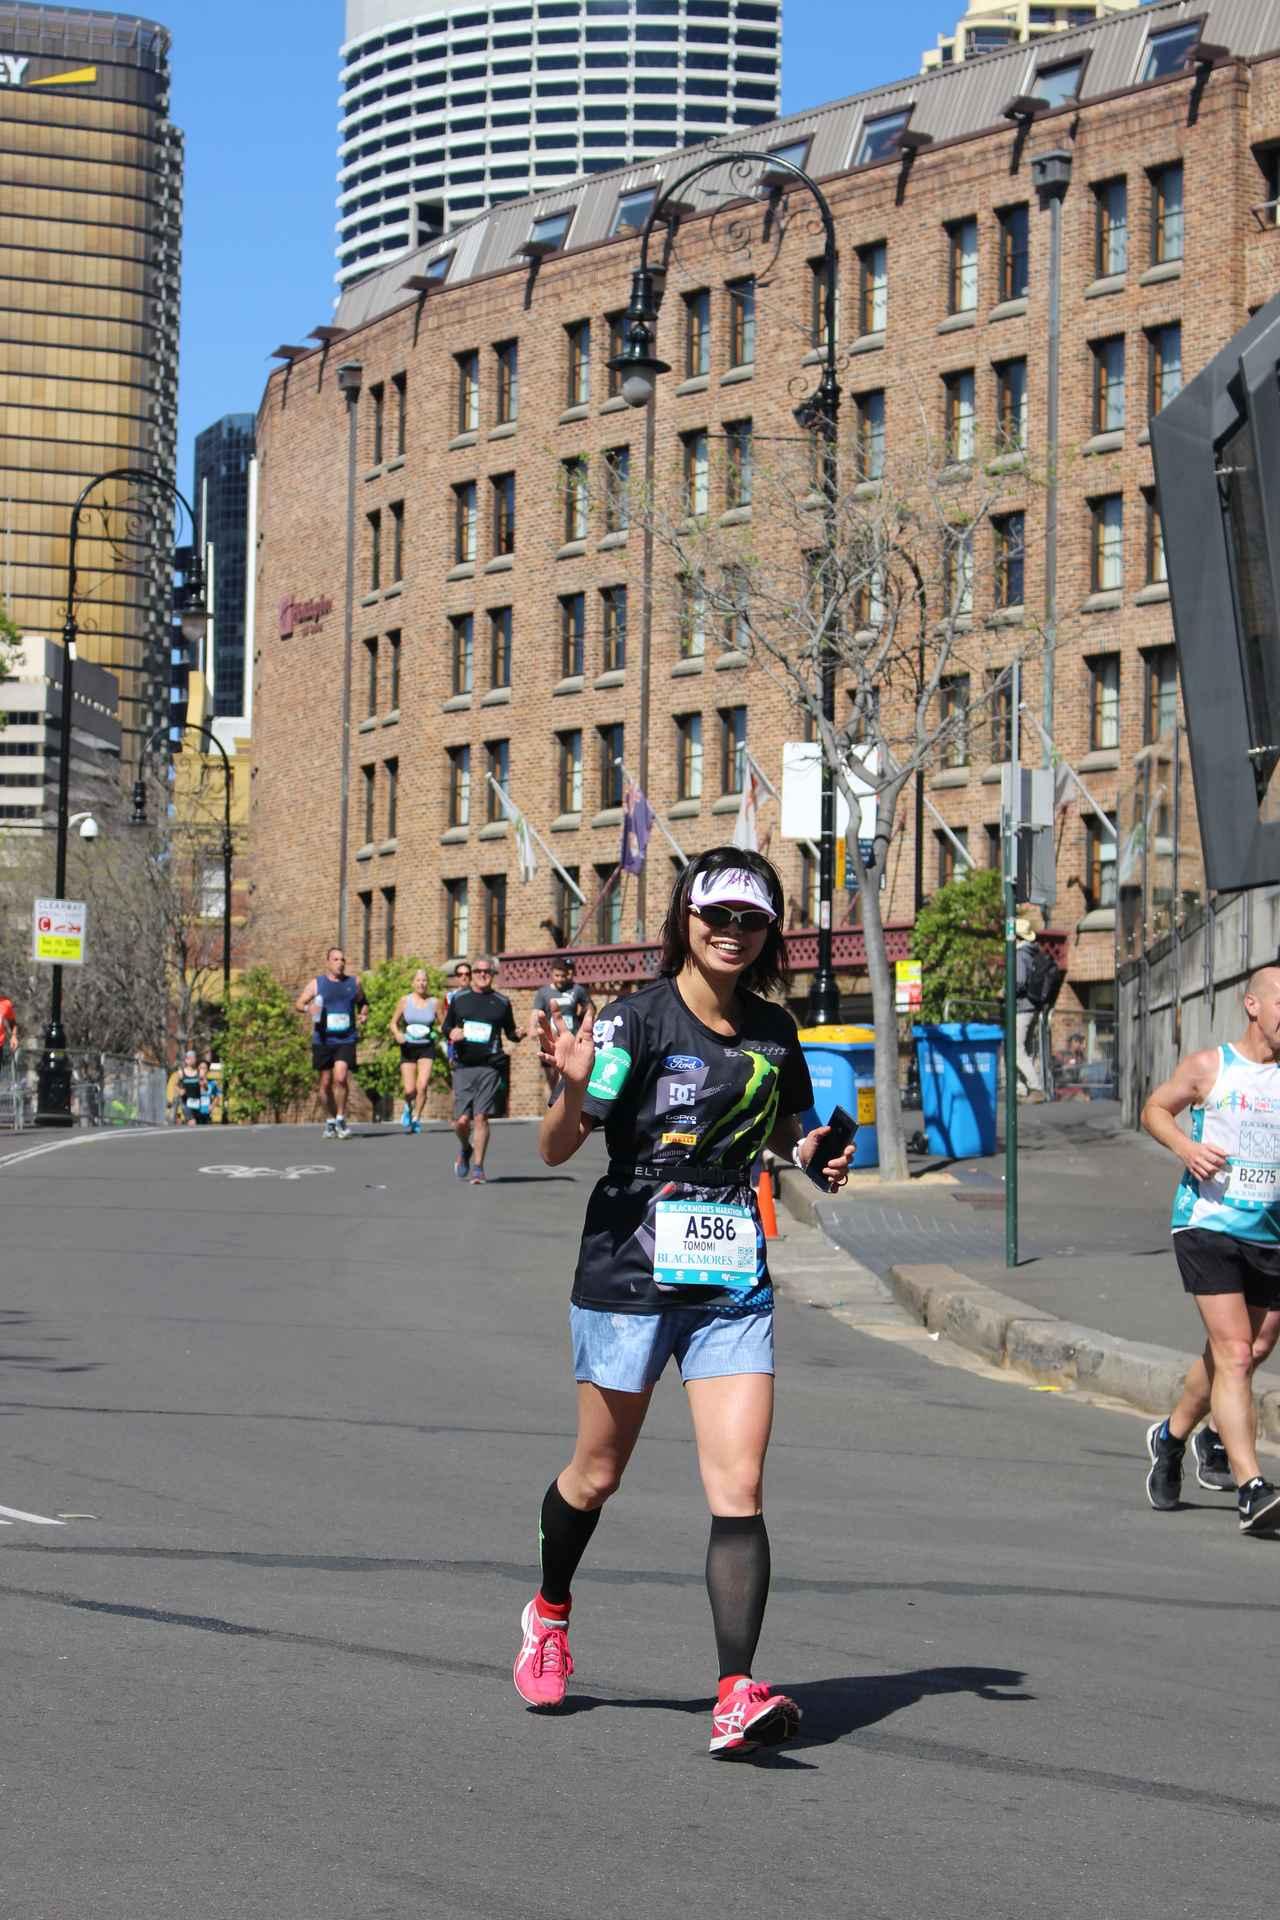 画像2: 【地球を走ろう!】シルバーウィークにぴったりのシティラン シドニーマラソンツアー 大会レポート